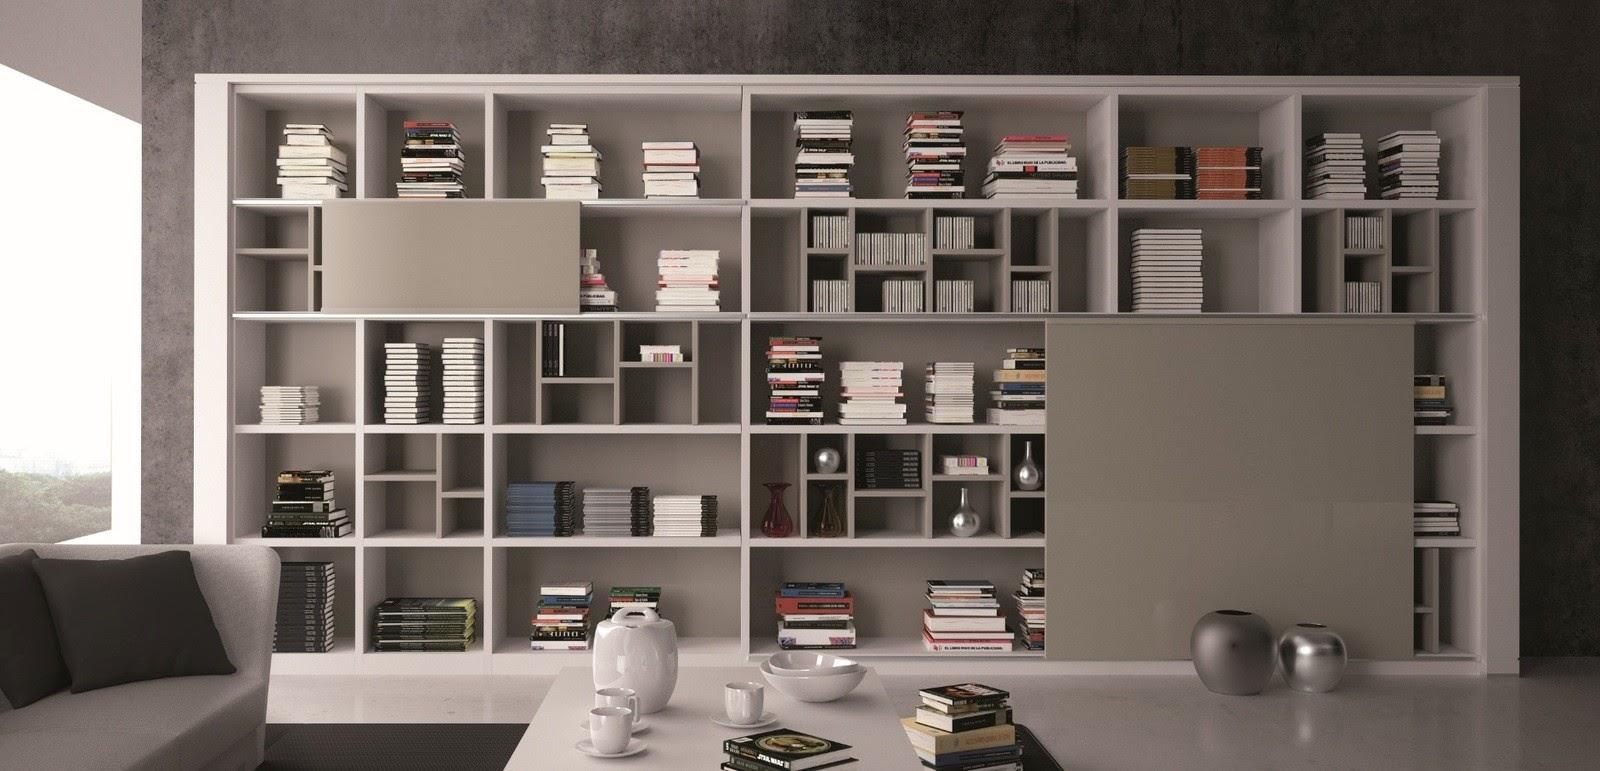 Muebles Librerias Modernas Muebles Librerias Modernas Mobiliario  # Muebles Librerias Baratas